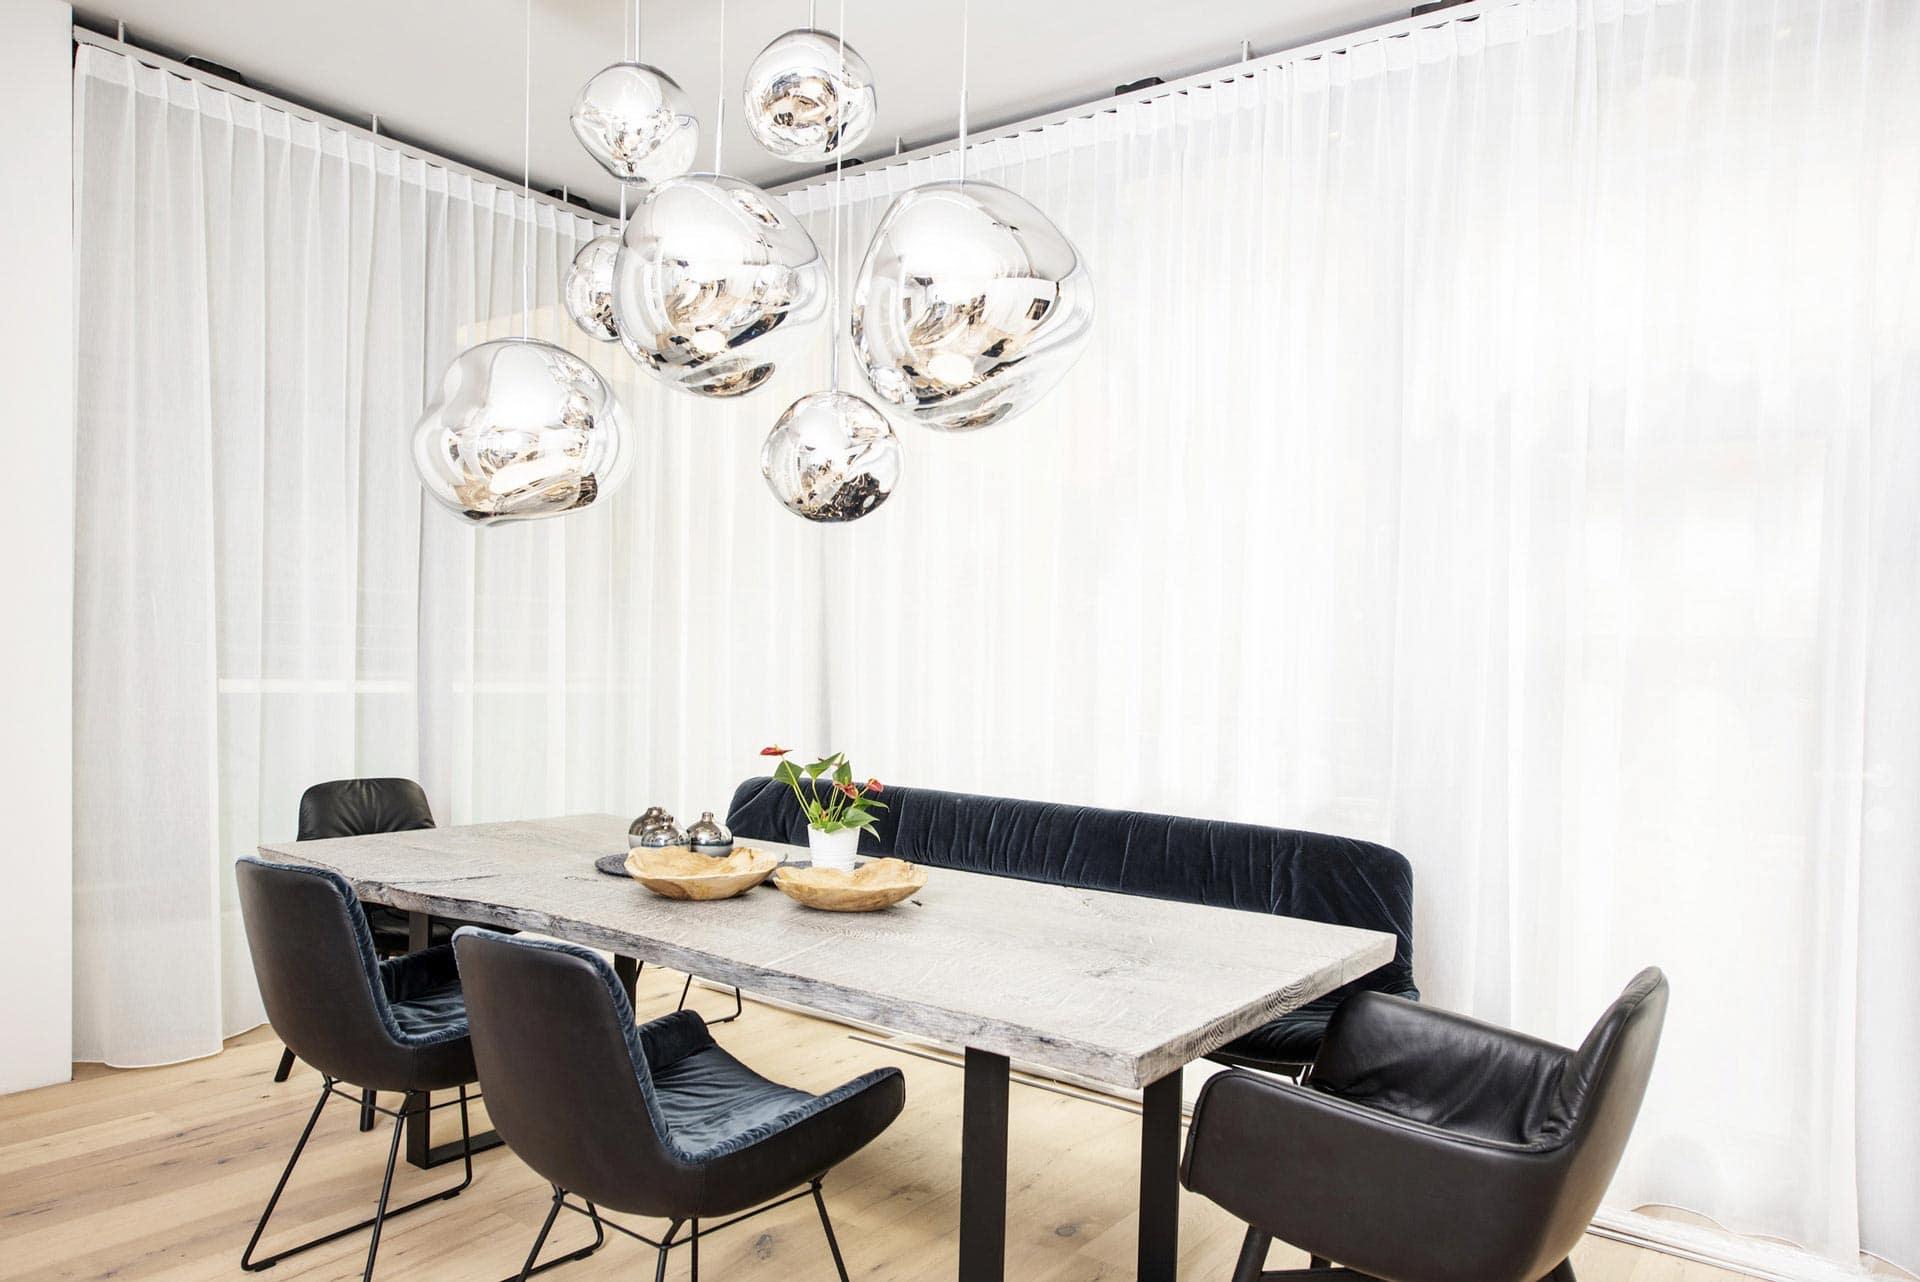 couchzone - Interior Design Innsbruck - Esstisch Holz